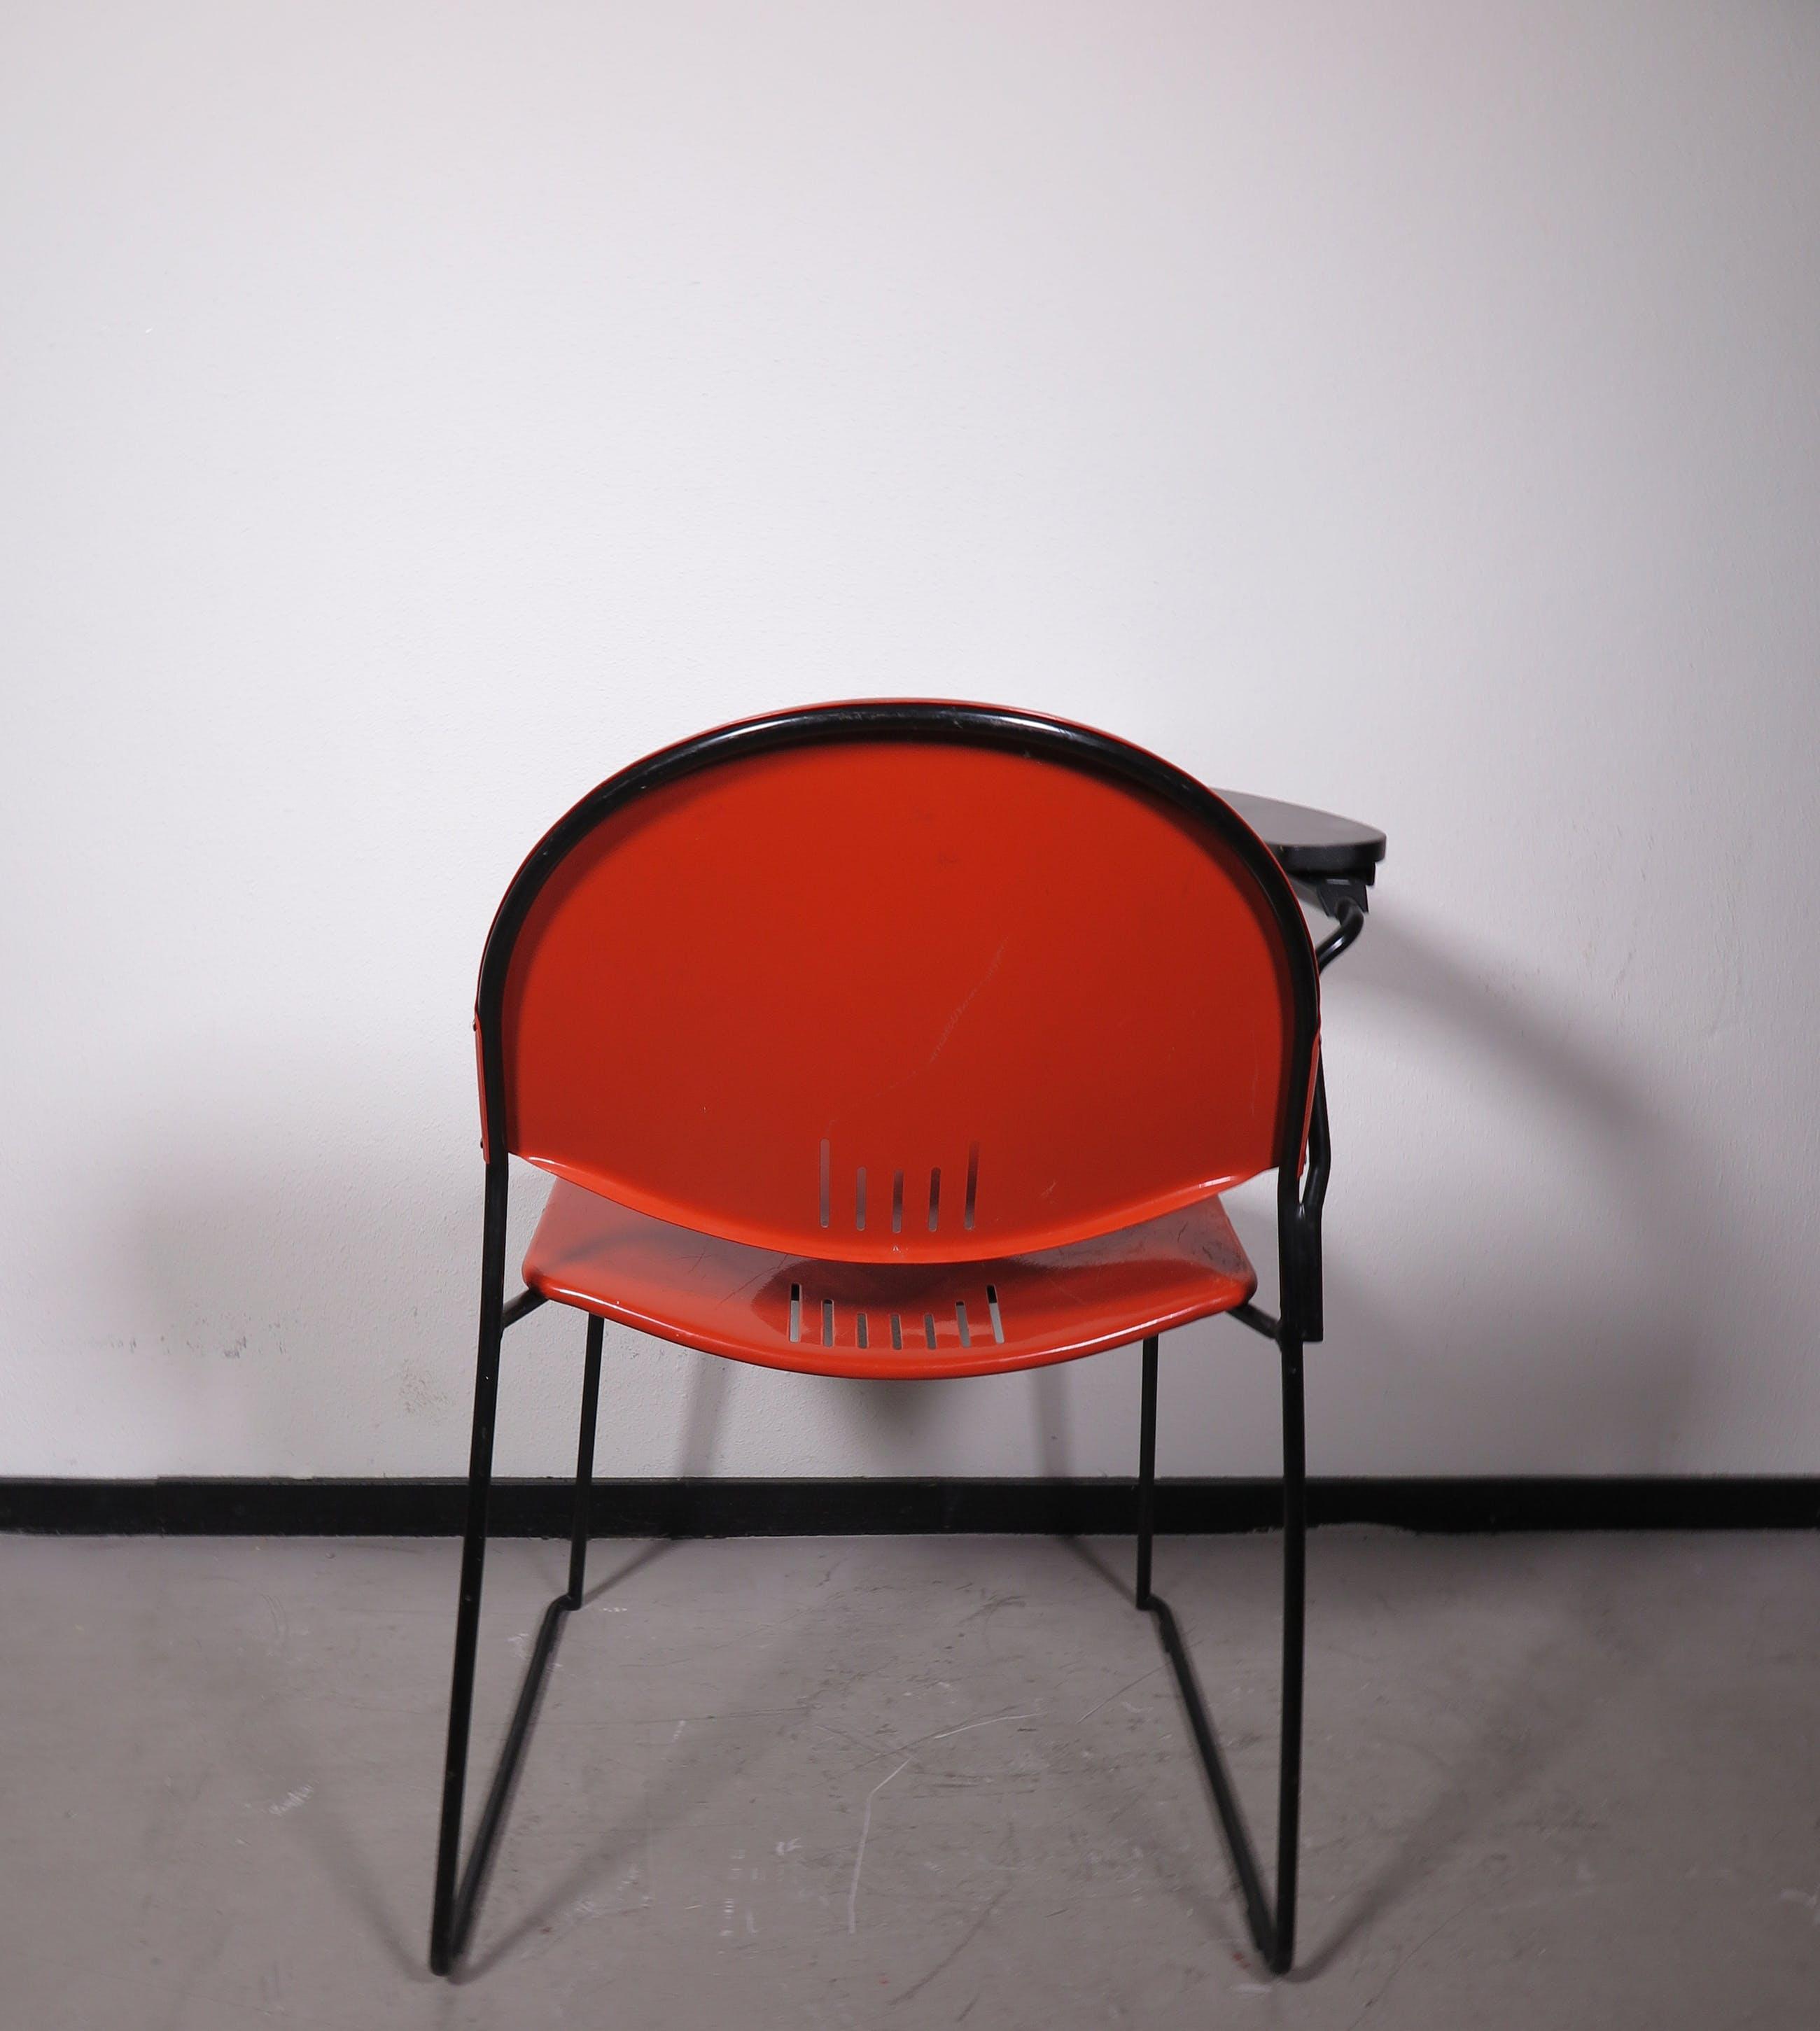 Stoelen Retro Design.Talin Metaal Vintage Design Retro Italy Stoelen Kopen Bied